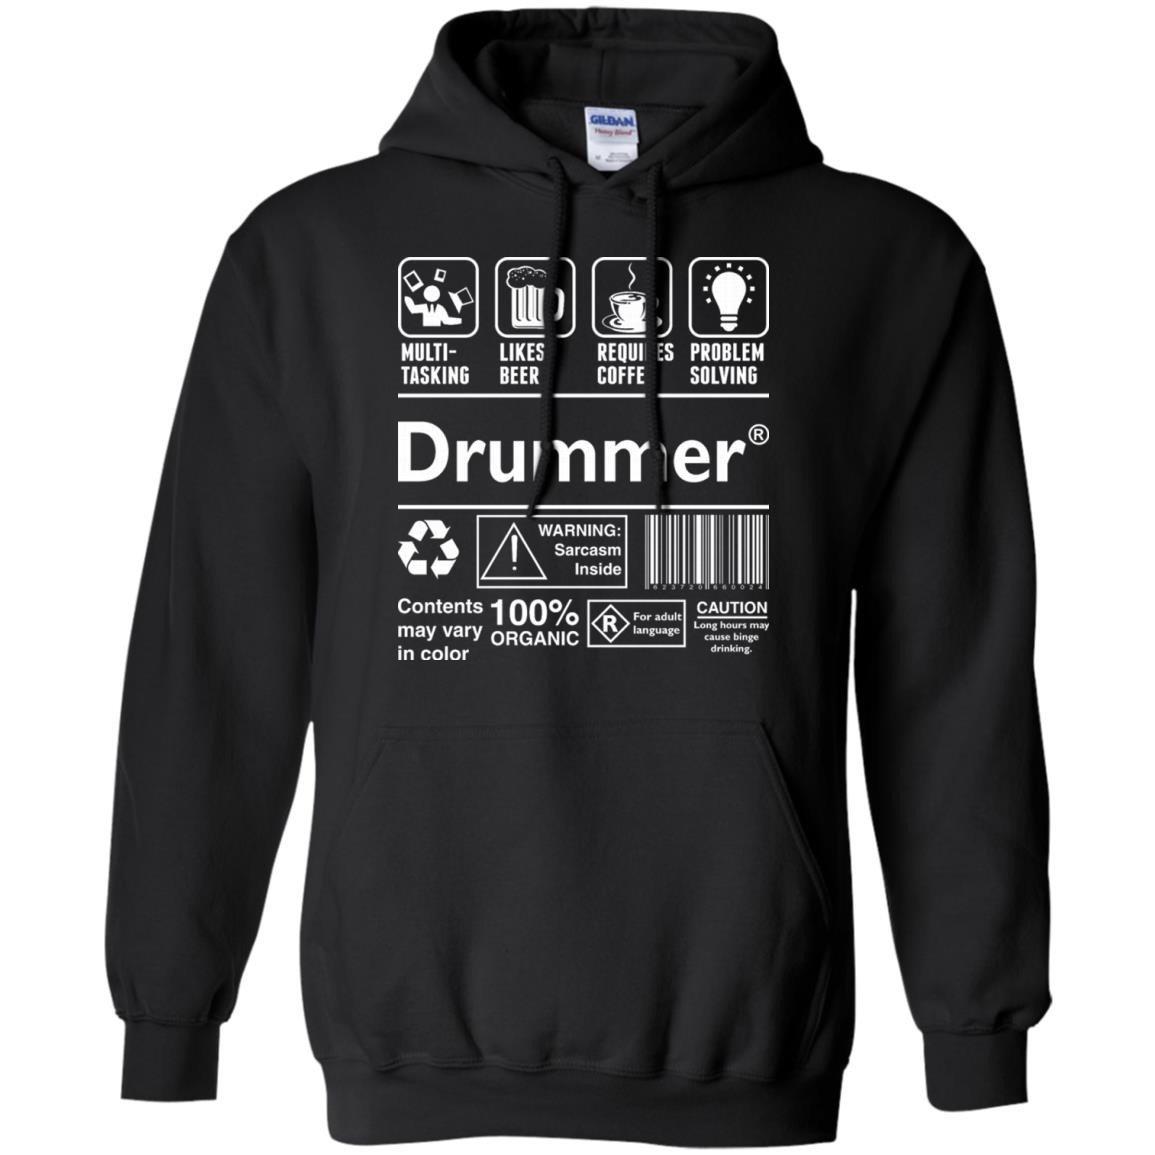 Drummer Multitasking Beer Coffee Problem Solving T-Shirt Hoodie